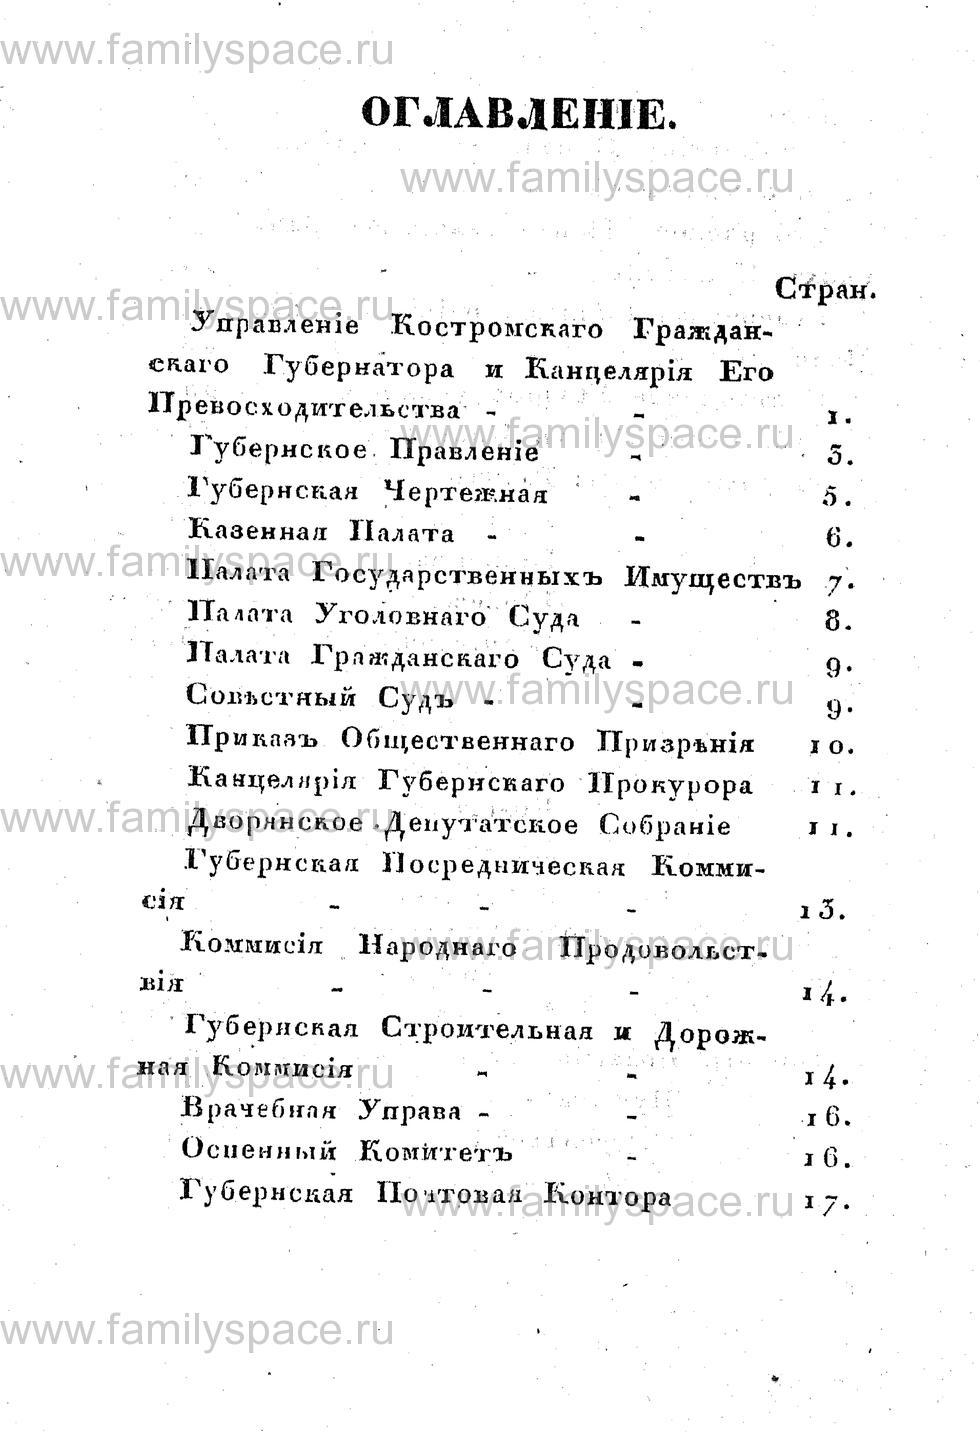 Поиск по фамилии - Памятная книжка Костромской губернии на 1853 год, страница 108